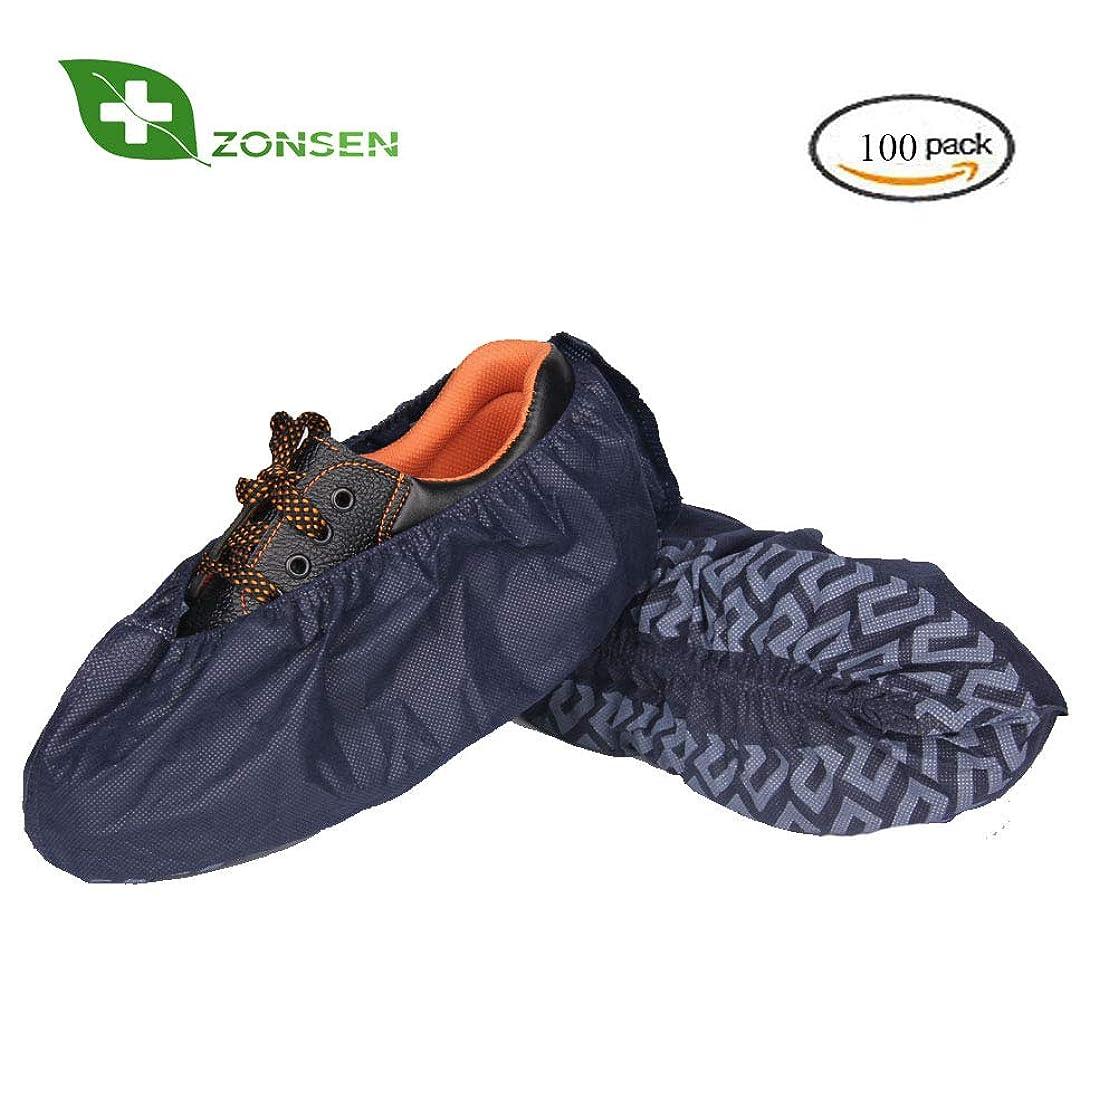 思想ケニアゴネリルZonsen使い捨てブーツ&シューズカバー, シューズカバー 使い捨て 厚手 不織布 足カバー 100枚 セット (ダークブルー)